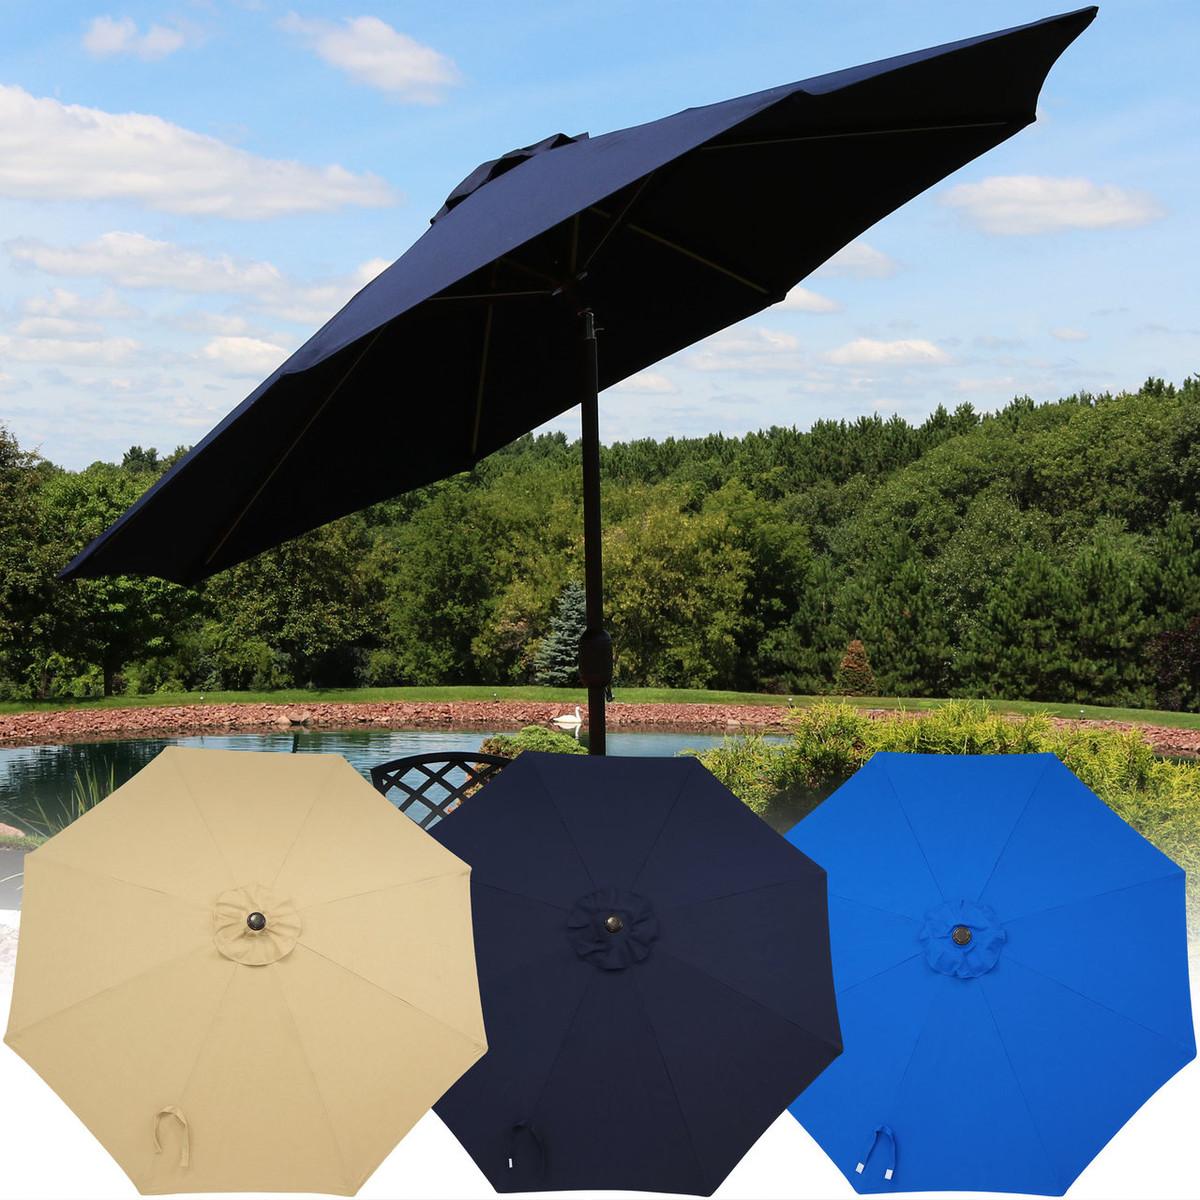 699c61bdbc29d Sunnydaze 9-Foot Aluminum Sunbrella Market Umbrella with Auto Tilt and Crank